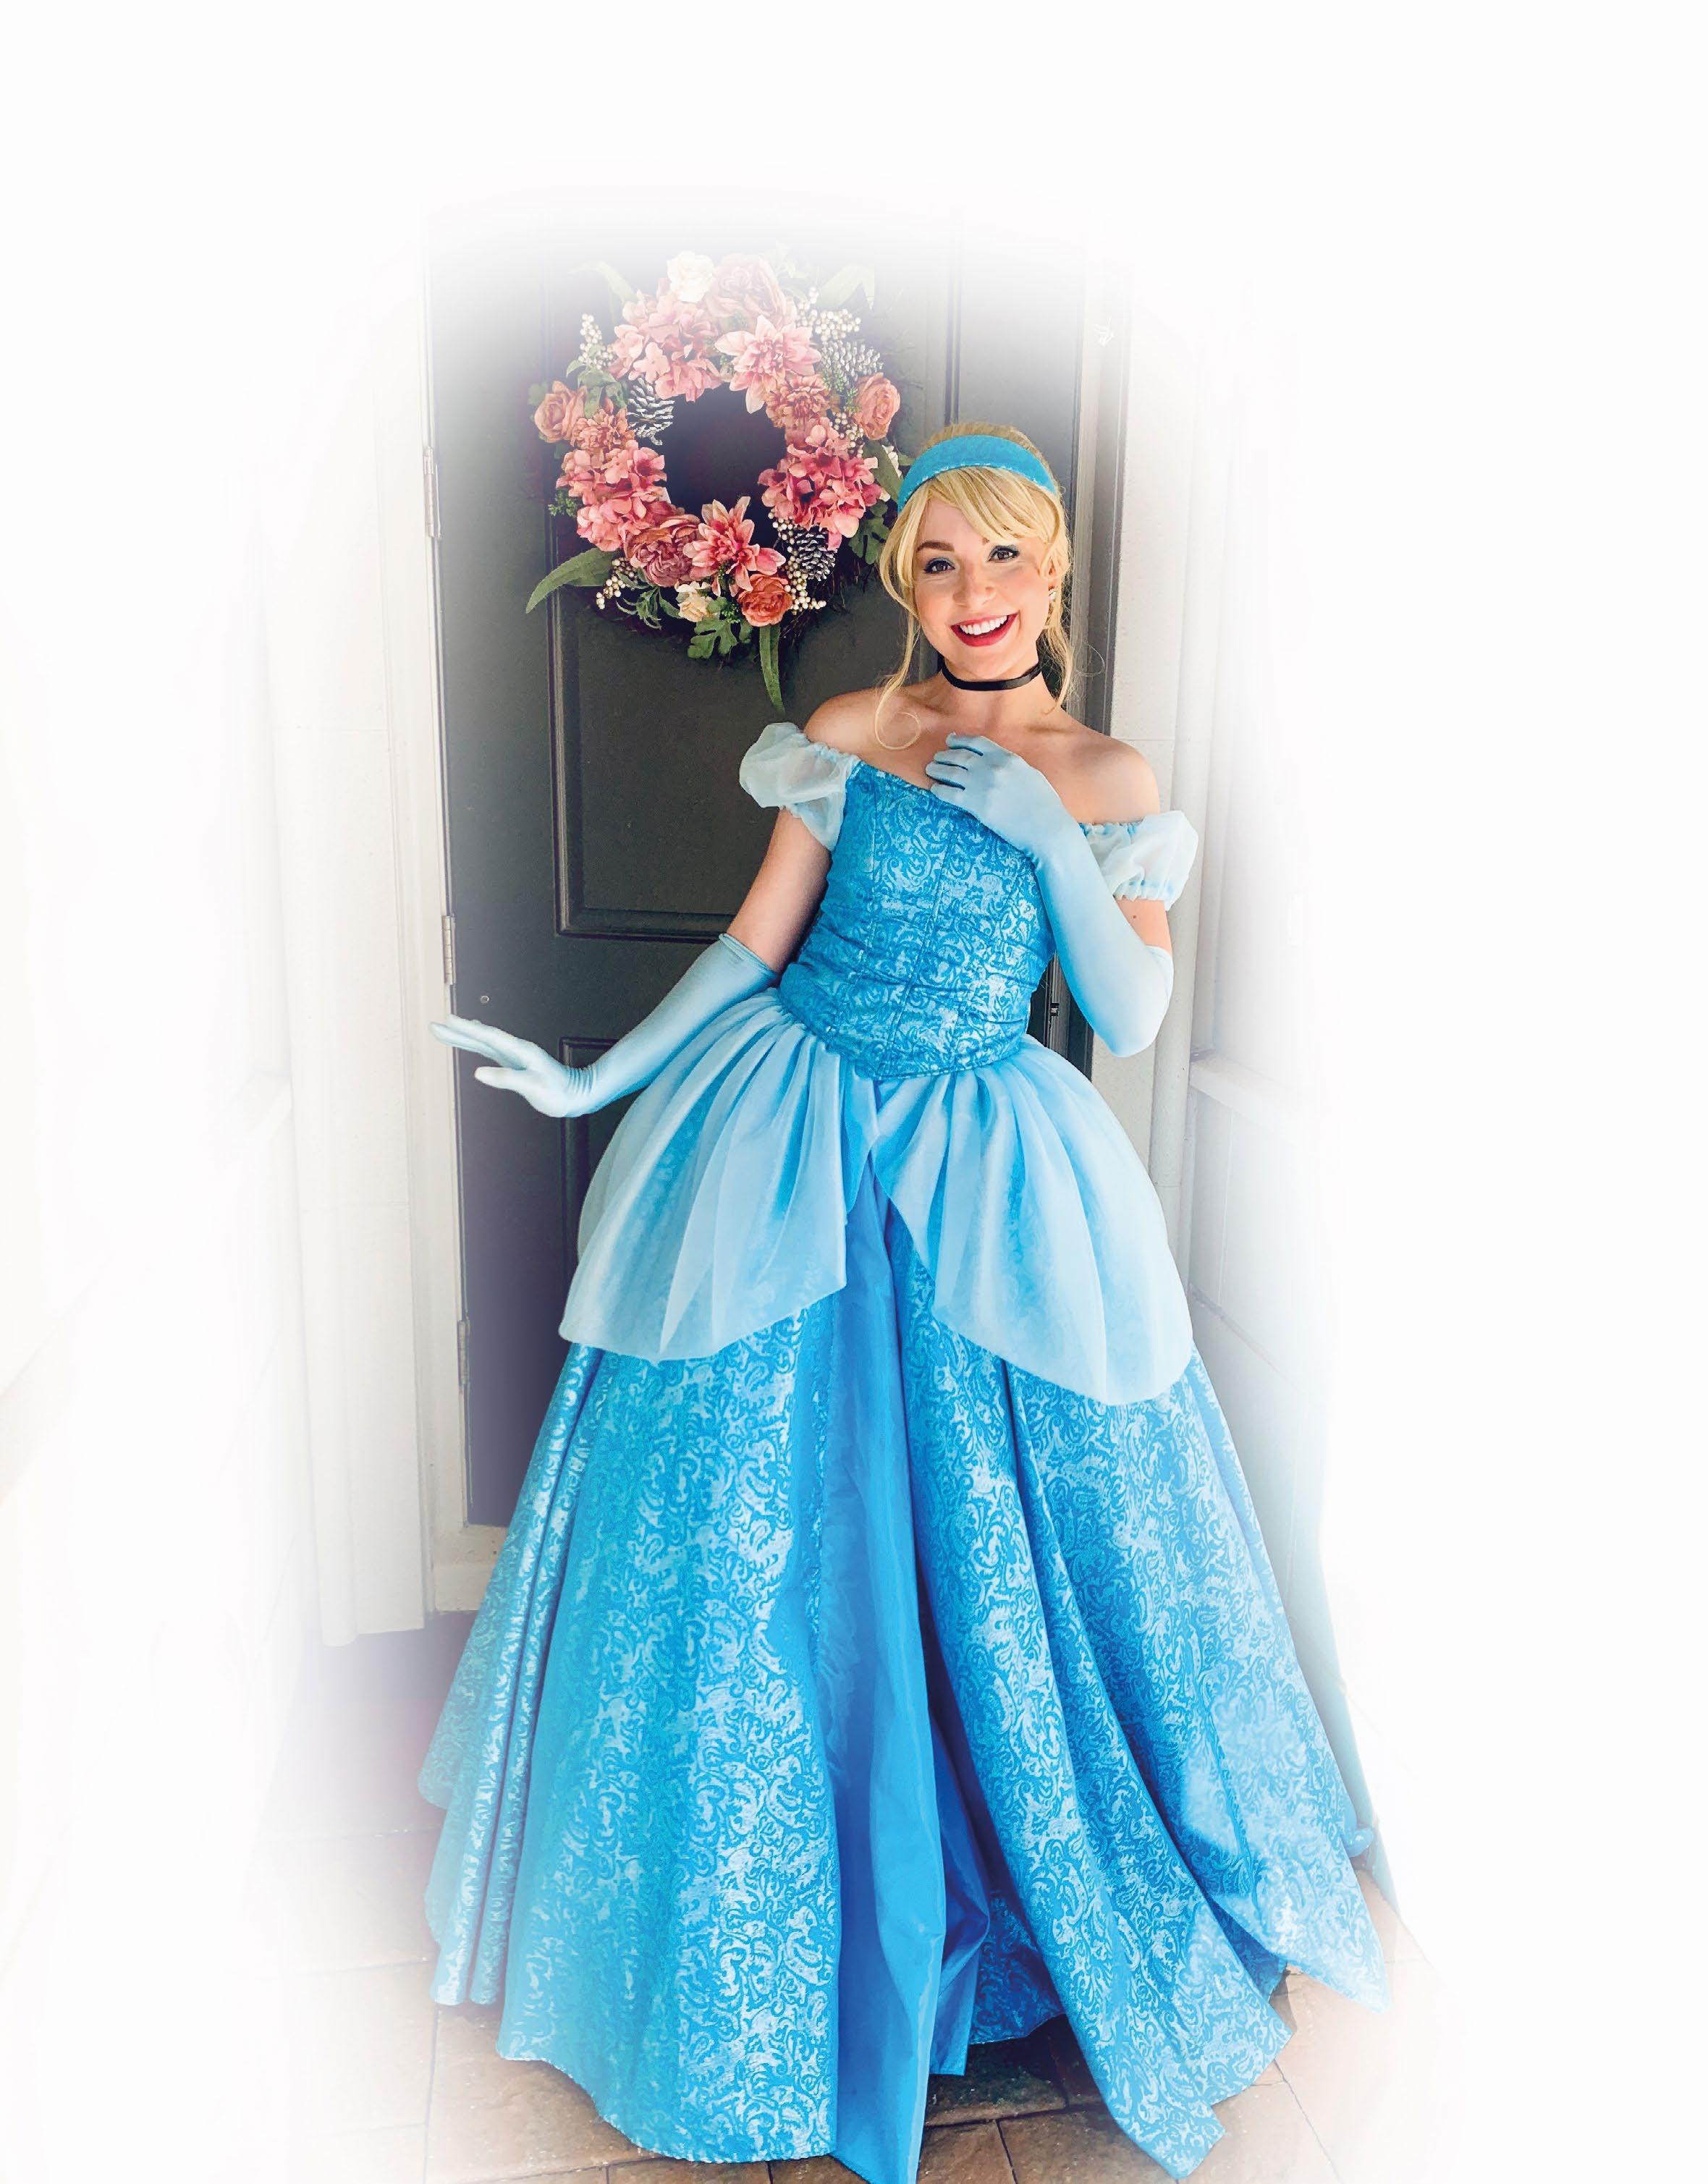 Page 42 of Expresso Princesa: Trazendo o mundo mágico para a vida real